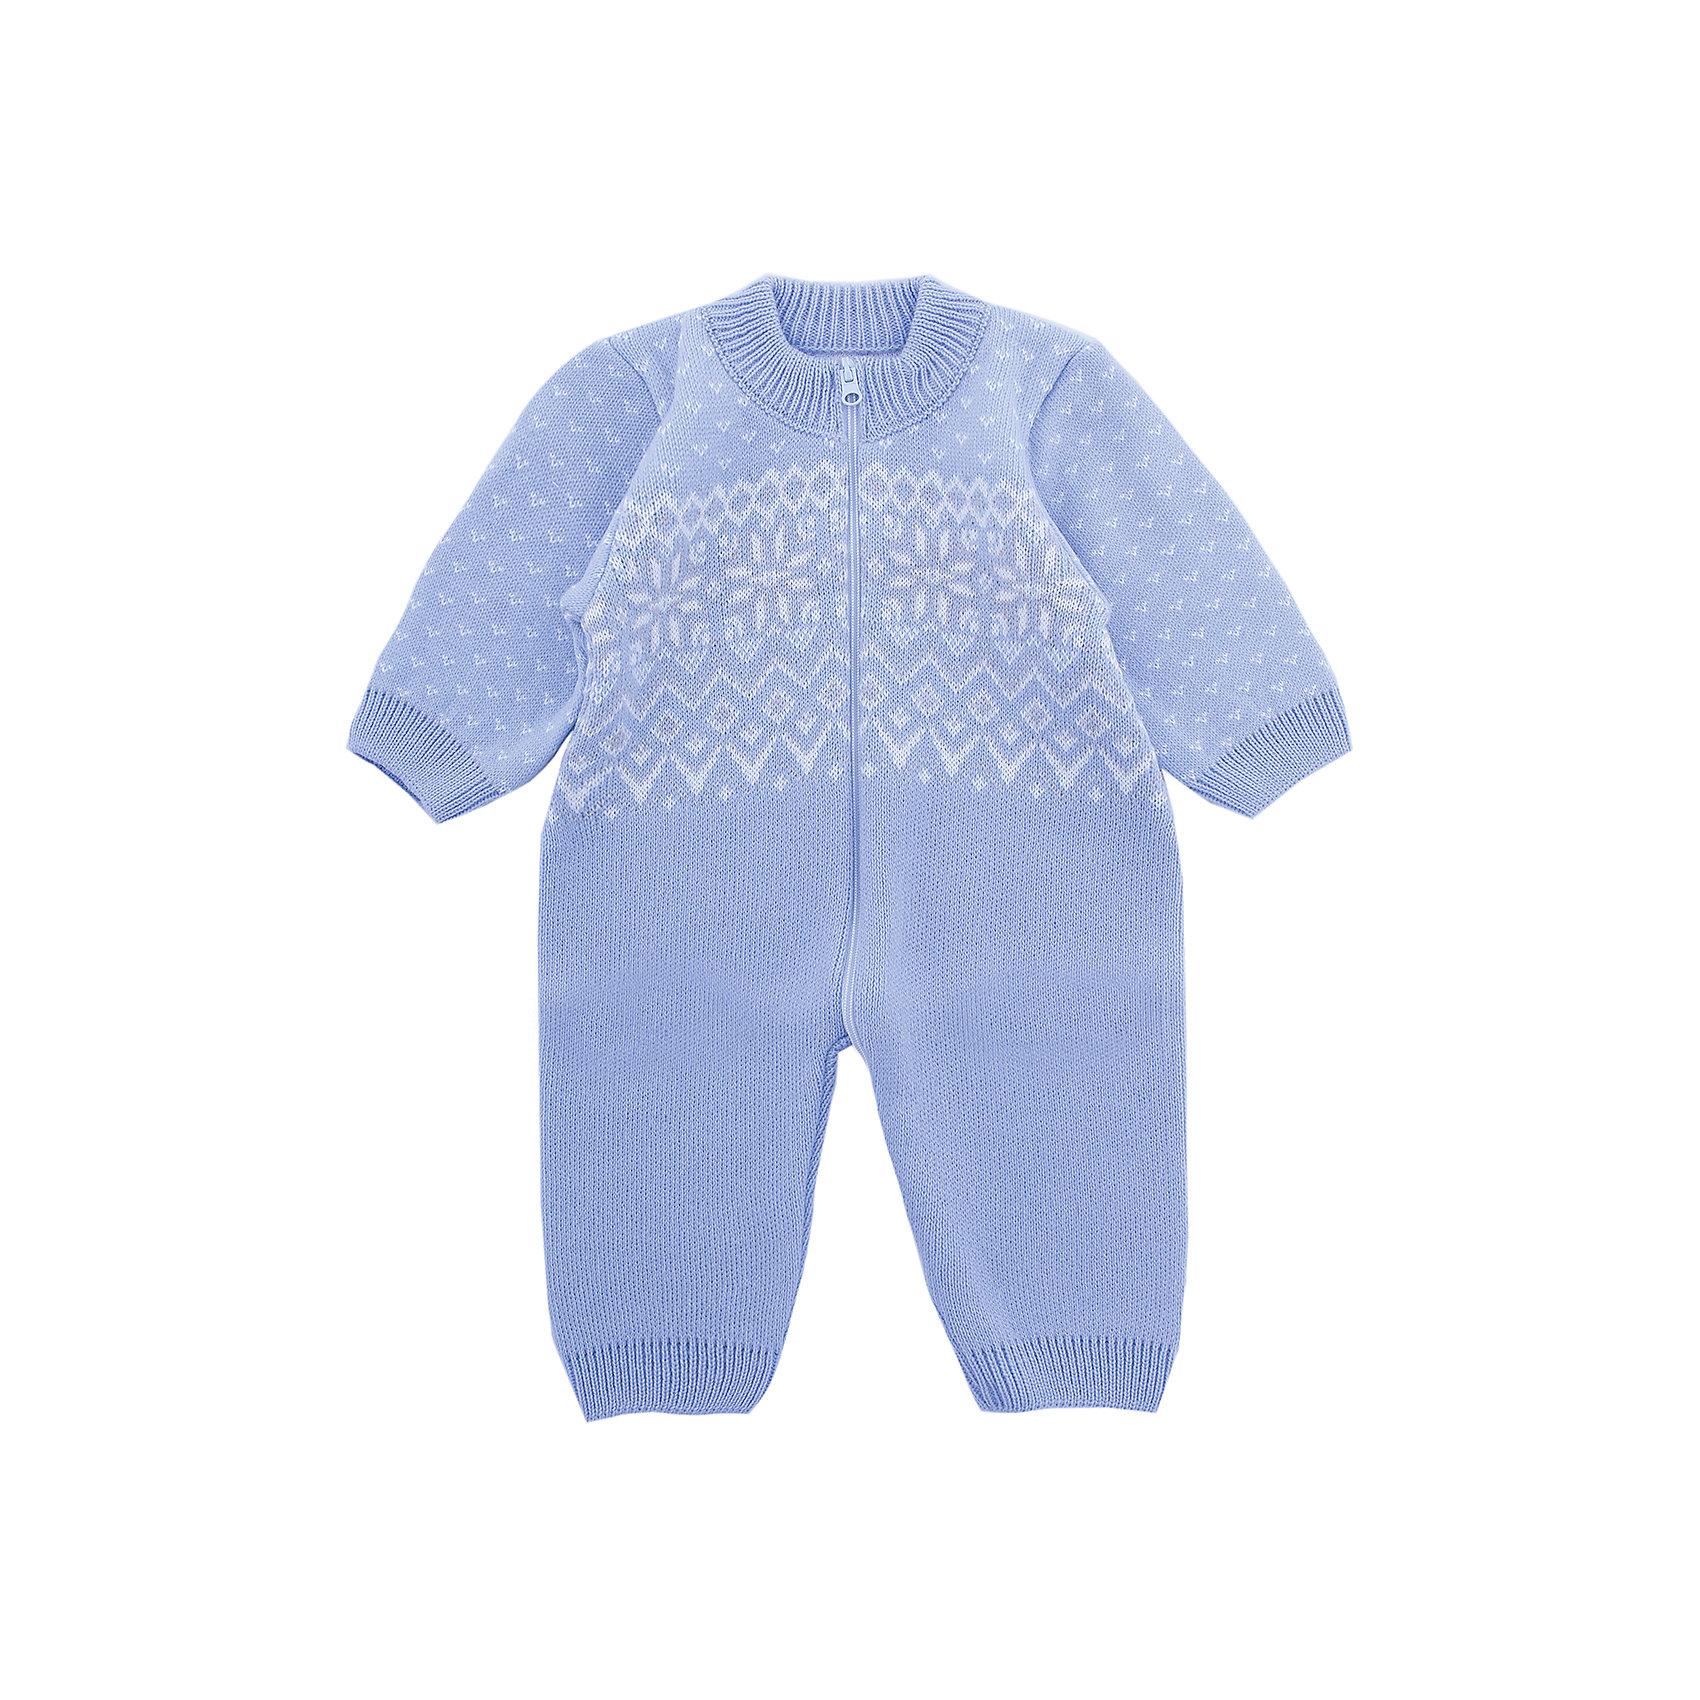 Комбинезон  Снежинка Уси-Пуси для мальчикаКомбинезоны<br>Характеристики товара:<br><br>• цвет: голубой - серый;<br>• ткань: вязаная;<br>• пол: мальчик;<br>• состав ткани: 50% шерсть, 50% пан;<br>• вид застежки: на молнии;<br>• особенности модели: вязаная, с узором;<br>• сезон: демисезон;<br>• страна бренда: Россия;<br>• страна изготовитель: Россия.<br><br>Вязаный комбинезон на молнии «Снежинка» выполнен из мягкой пряжи и имеет узор в виде звездочек, напоминающих цветок. <br><br>Комбинезон с открытыми ручками и ножками подойдет для любого времени года: его можно носить как летом, так и зимой. Наличие шерсти в составе ткани делает комбинезон очень теплым, поэтому даже в холодное время года ребенку в нем будет комфортно.<br><br>Комбинезон «Снежинка» Уси-Пуси для мальчика можно купить в нашем интернет-магазине.<br><br>Ширина мм: 157<br>Глубина мм: 13<br>Высота мм: 119<br>Вес г: 200<br>Цвет: серый<br>Возраст от месяцев: 12<br>Возраст до месяцев: 15<br>Пол: Мужской<br>Возраст: Детский<br>Размер: 74/80,50/56,56/62,62/68,68/74<br>SKU: 7029660